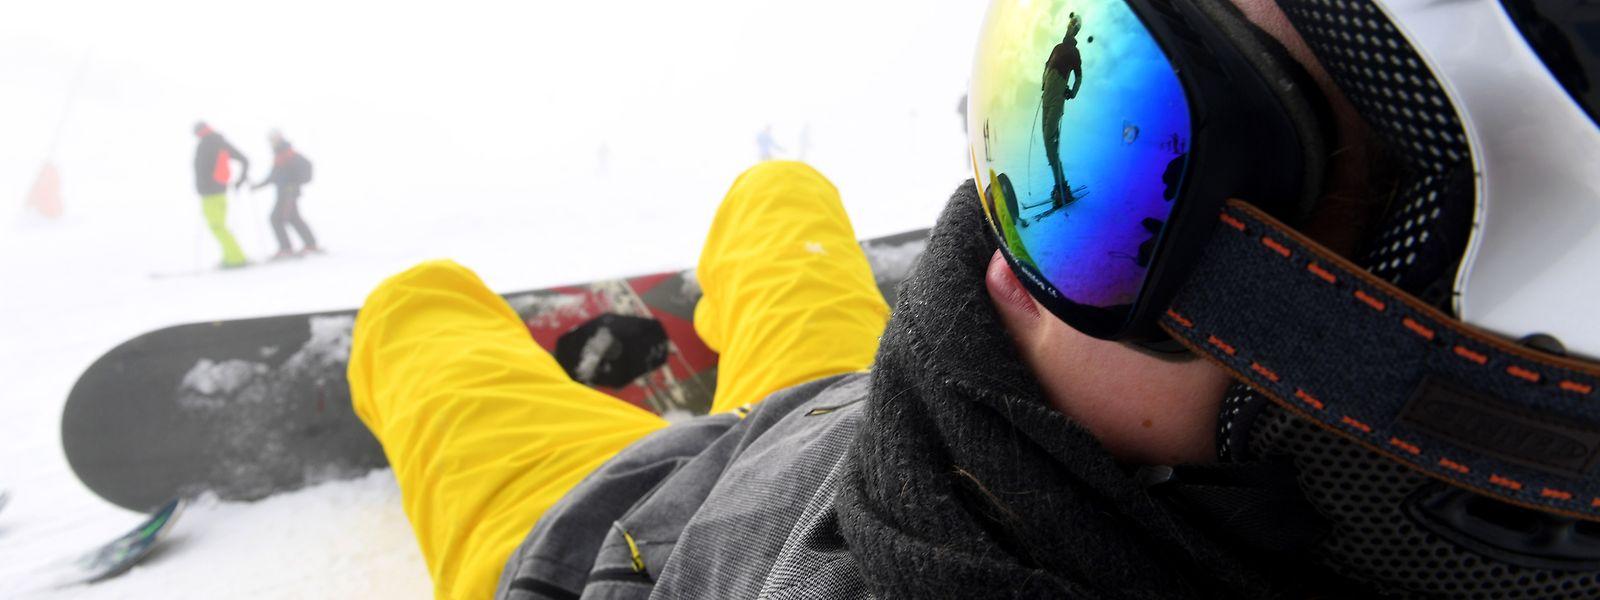 Die Wintersportsaison soll im kommenden Jahr kein abruptes Ende finden.